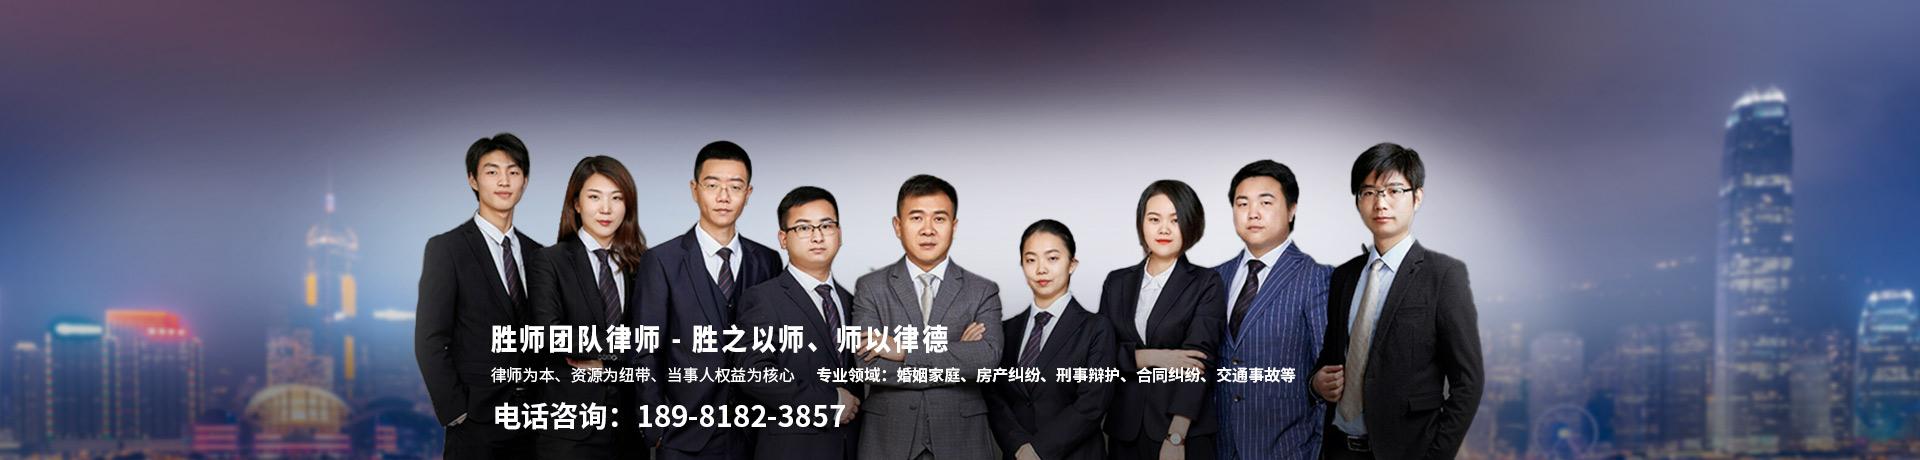 勝師團隊律師